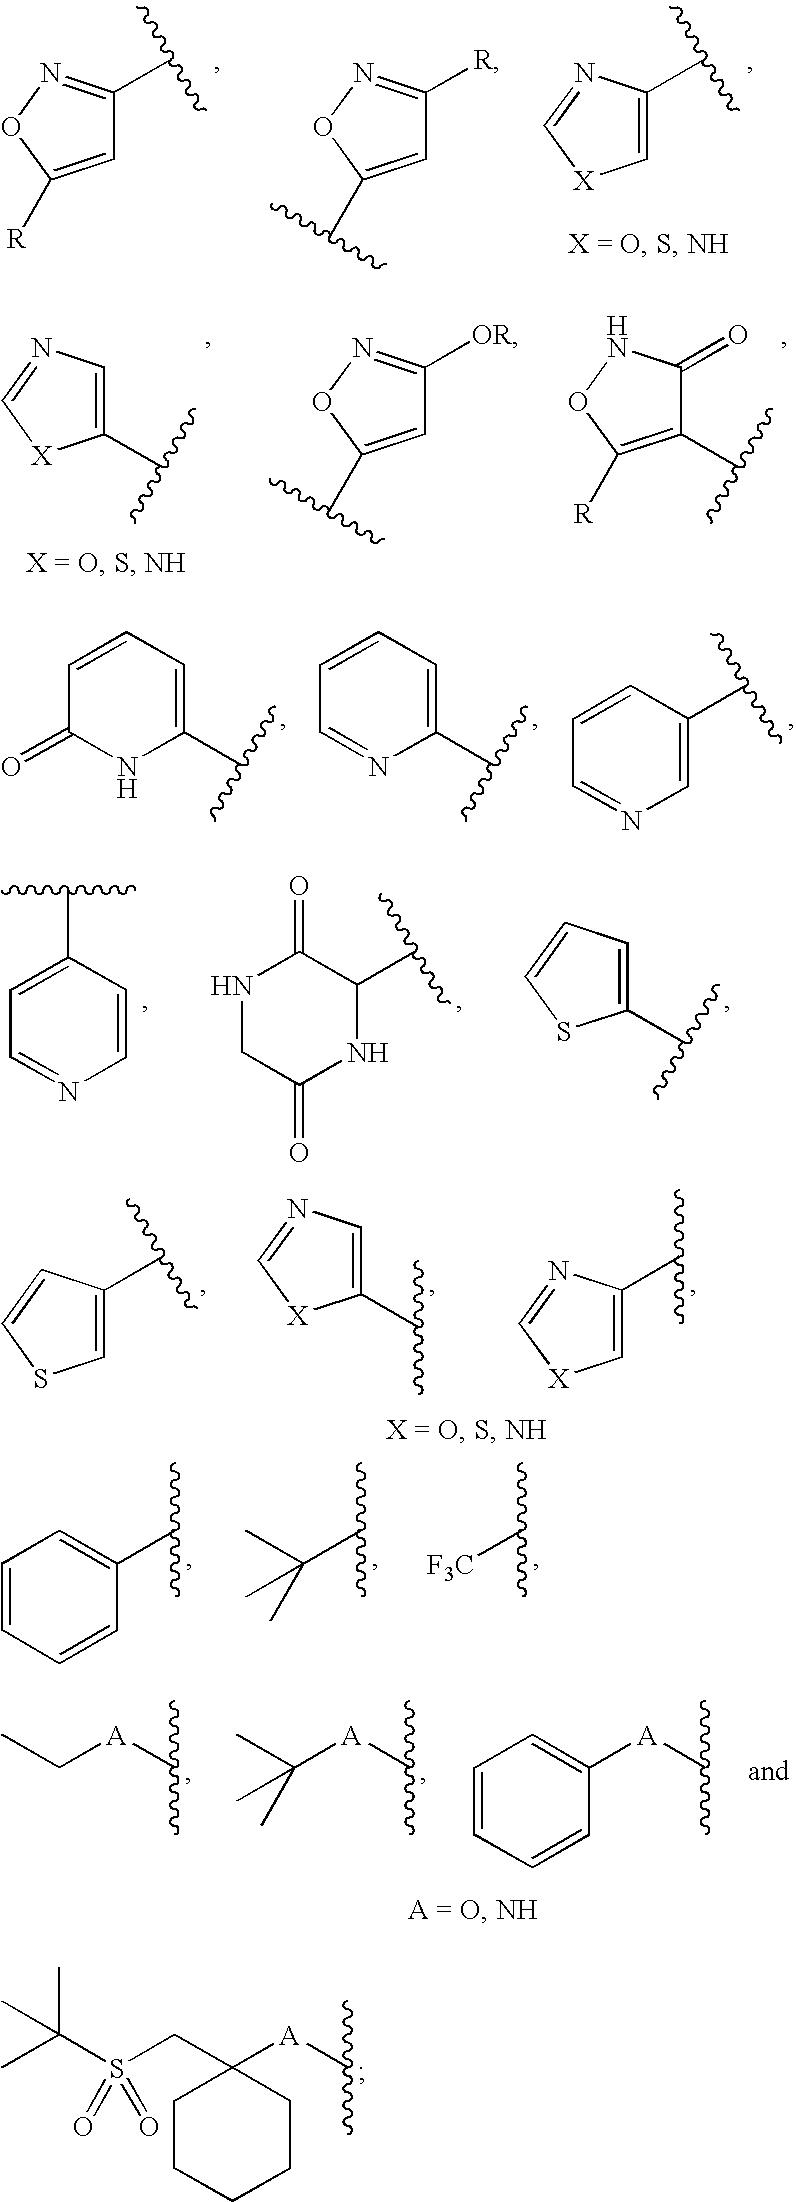 Figure US20060276404A1-20061207-C00212